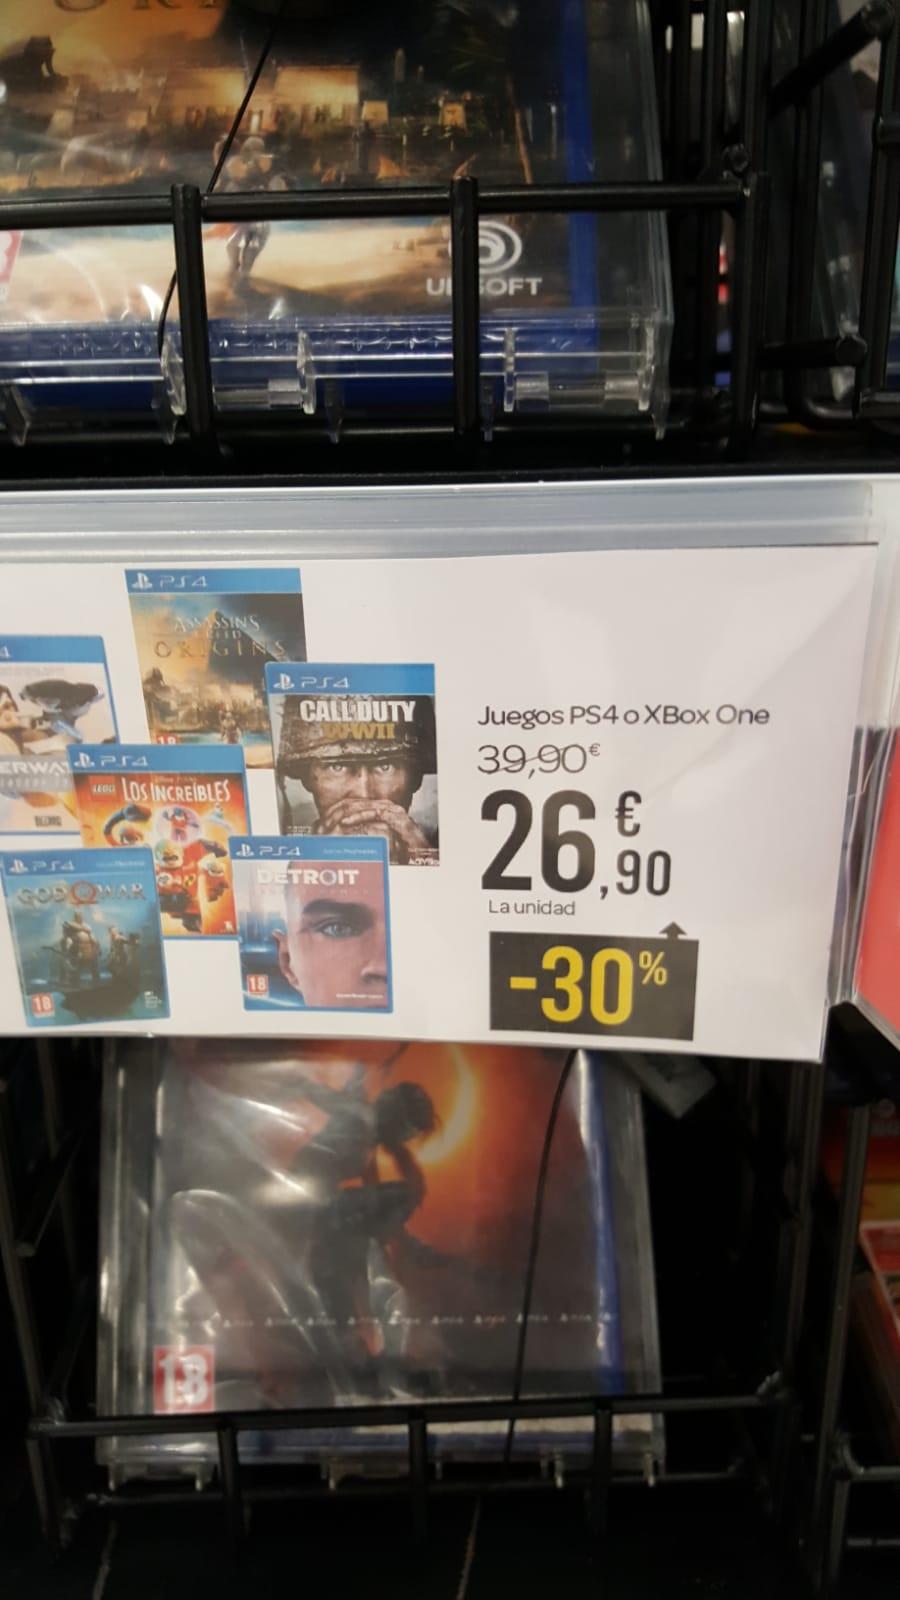 Juegos Ps4 o Xbox One a 26.90 visto en Carrefour Badajoz (Extremadura)